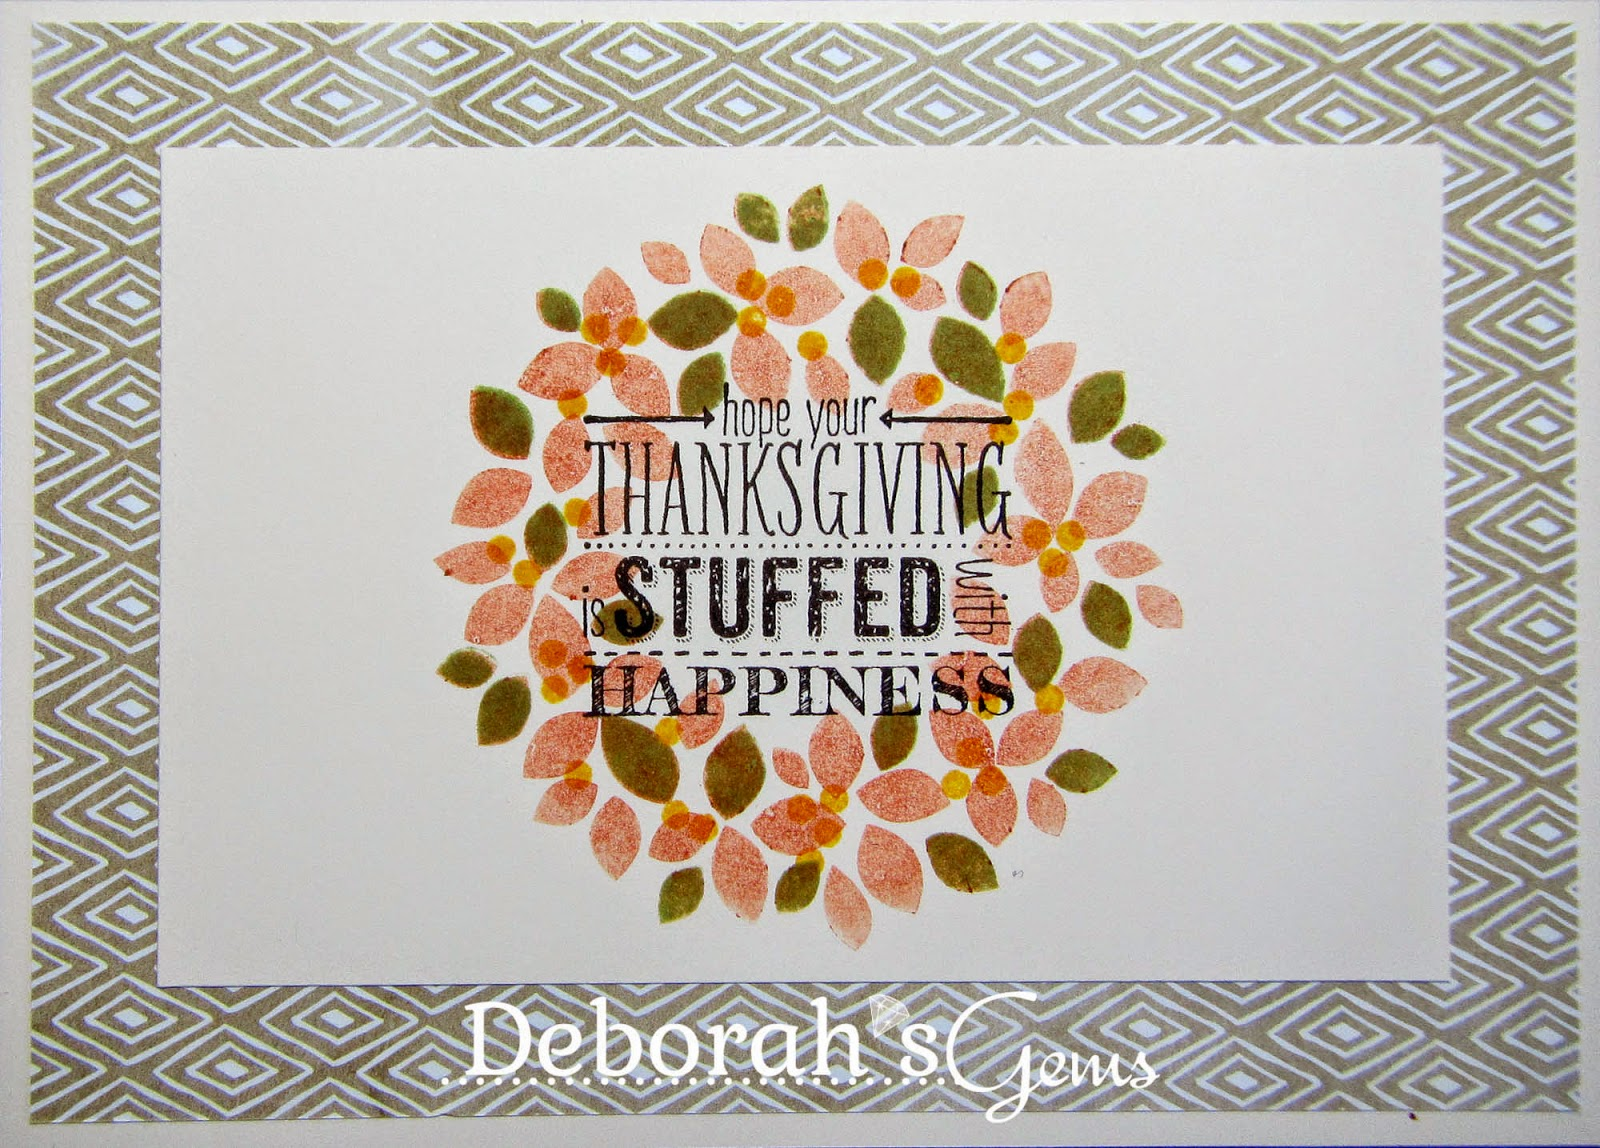 Happy Thanksgiving inside - photo by Deborah Frings - Deborah's Gems